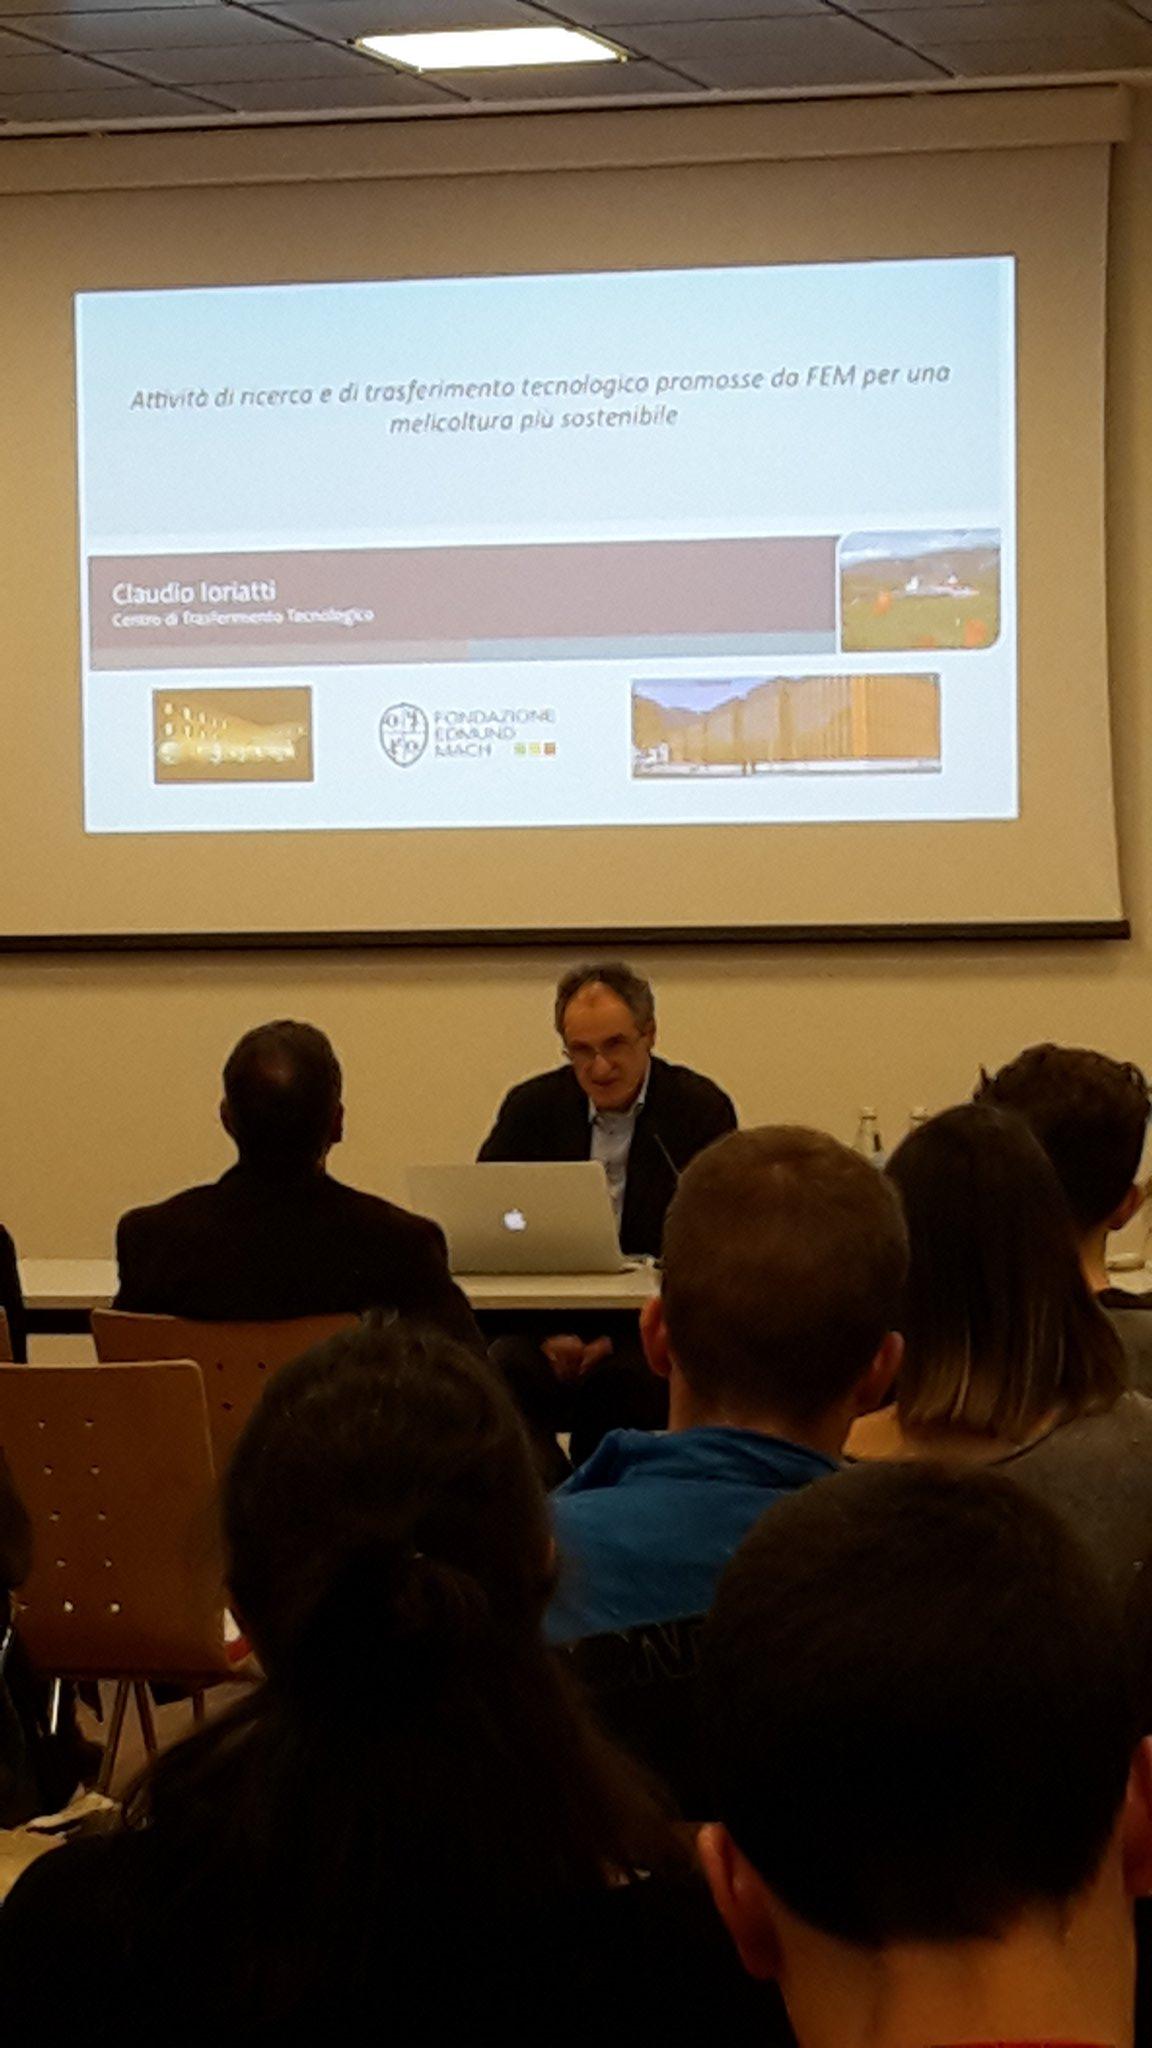 #agricoltura #innovazione #sostenibilita l'intervento di Claudio Ioriatti al convegno @agronotizie #interpoma https://t.co/uSku0Q3ANu